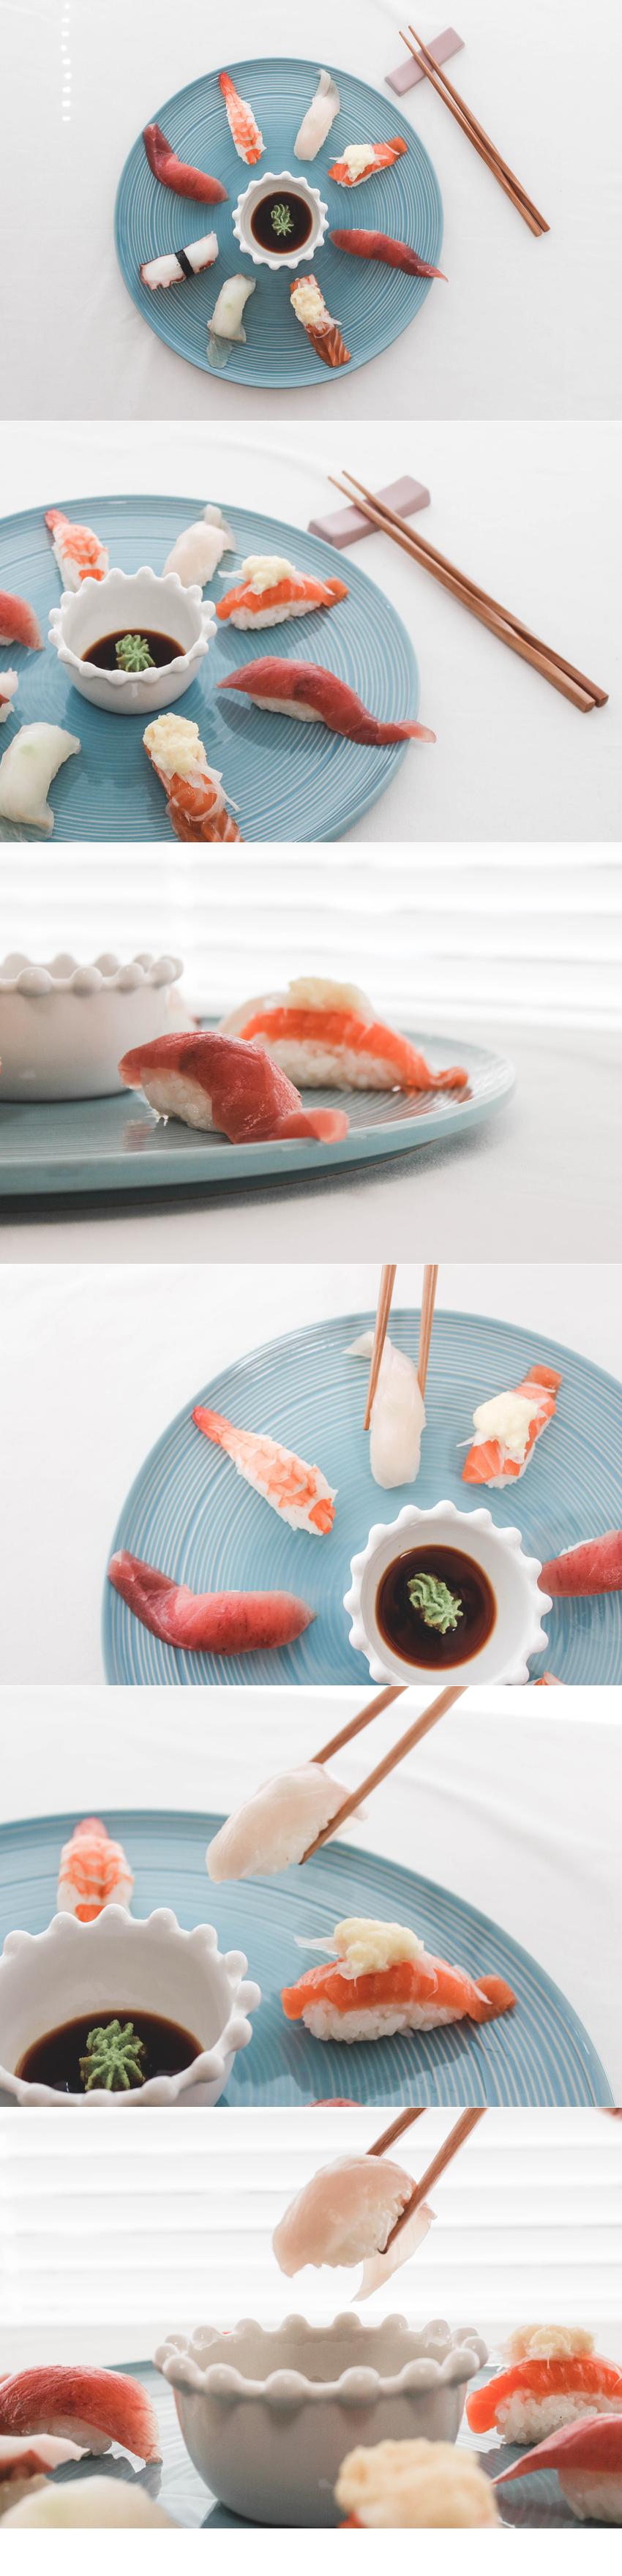 로얄애덜리 라이닝 30cm 원형접시 12사이즈 (5컬러) - 어퍼테이블, 17,500원, 접시/찬기, 접시